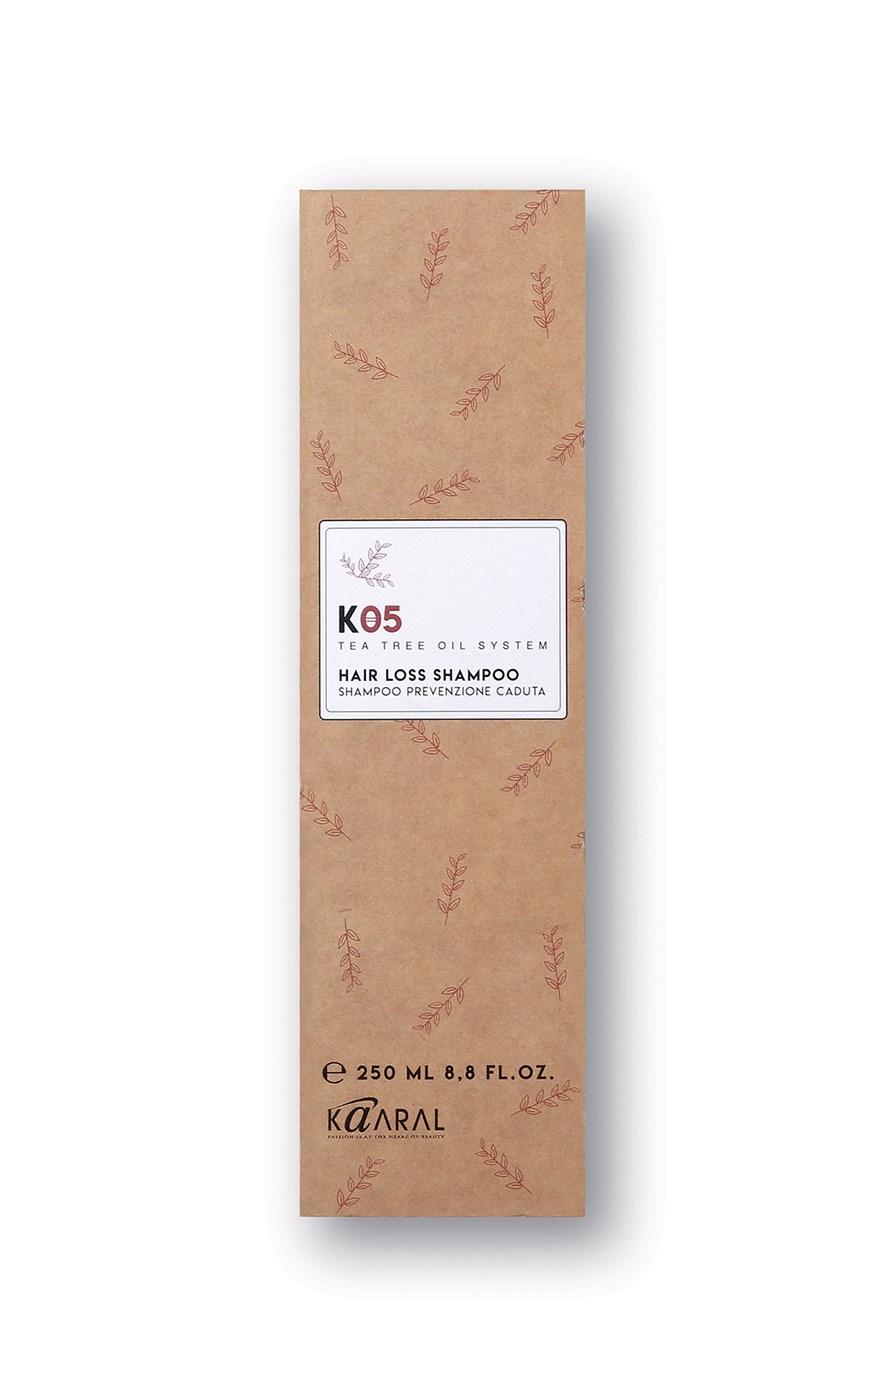 Купить Kaaral Шампунь для профилактики выпадения волос Anti Hair Loss Shampoo, 250 мл (Kaaral, K05)